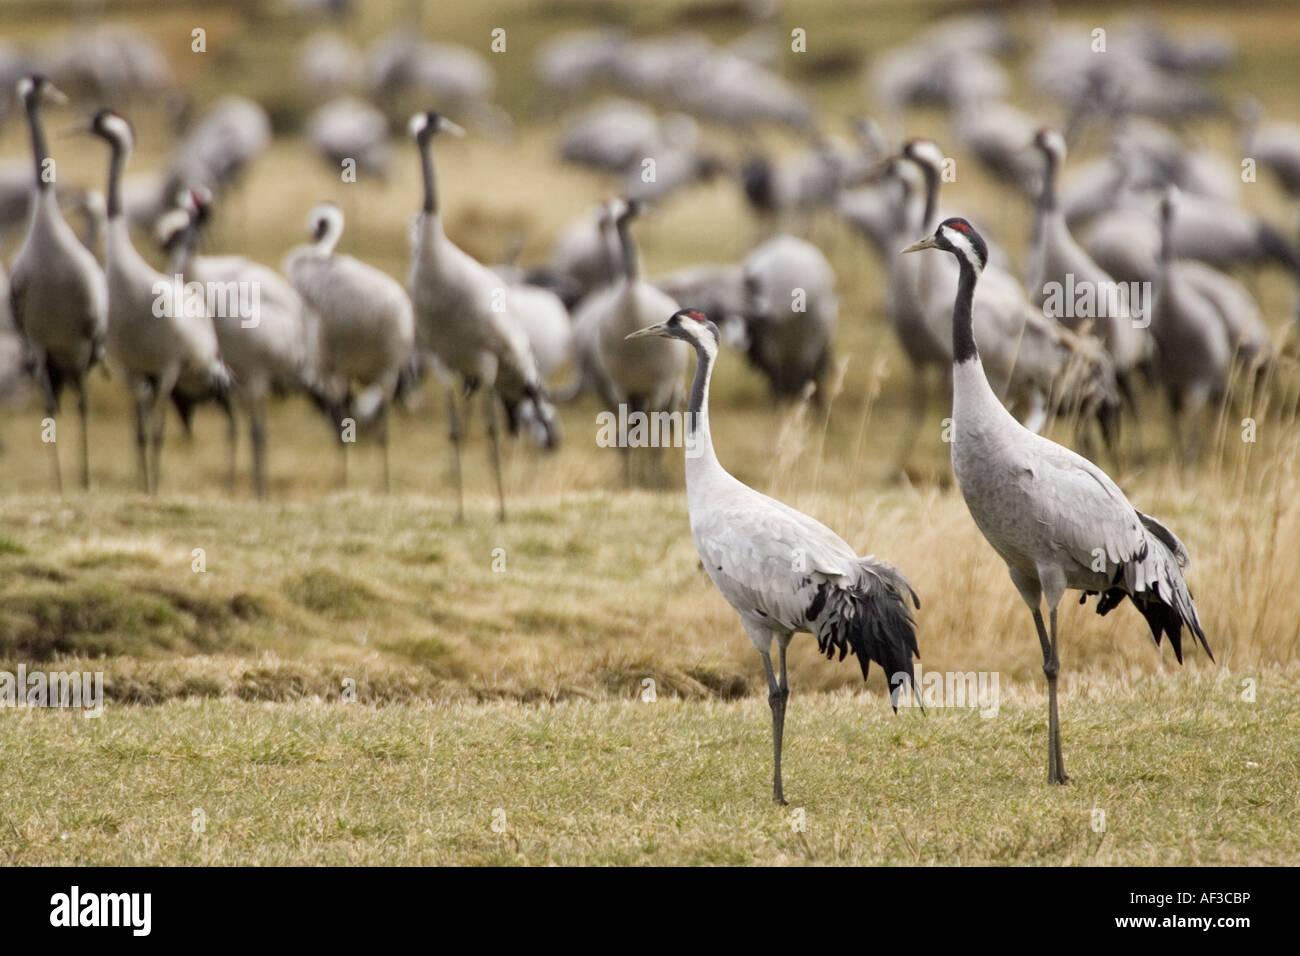 common crane (Grus grus), flock at resting place, Sweden, Hornborgasjoen - Stock Image